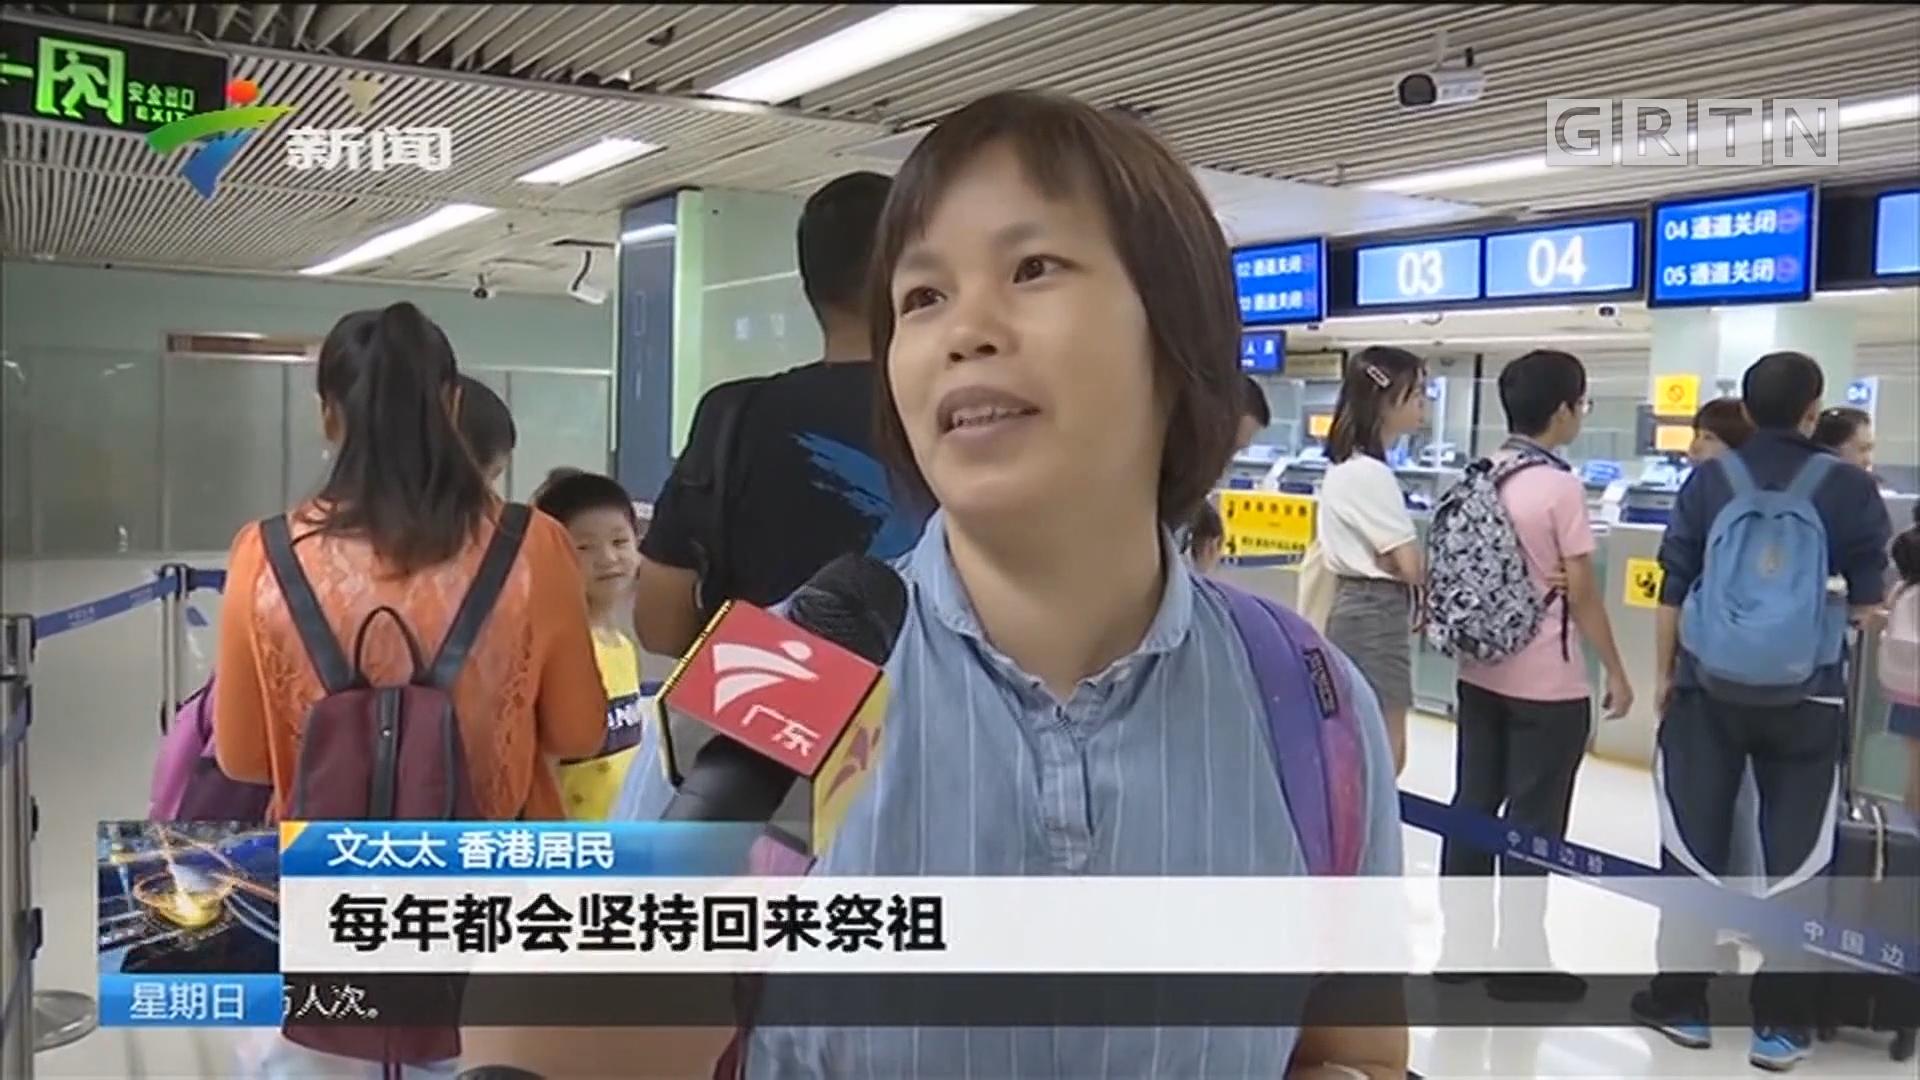 深圳:内地游成主力 罗湖、深圳湾口岸今明将迎入境高峰